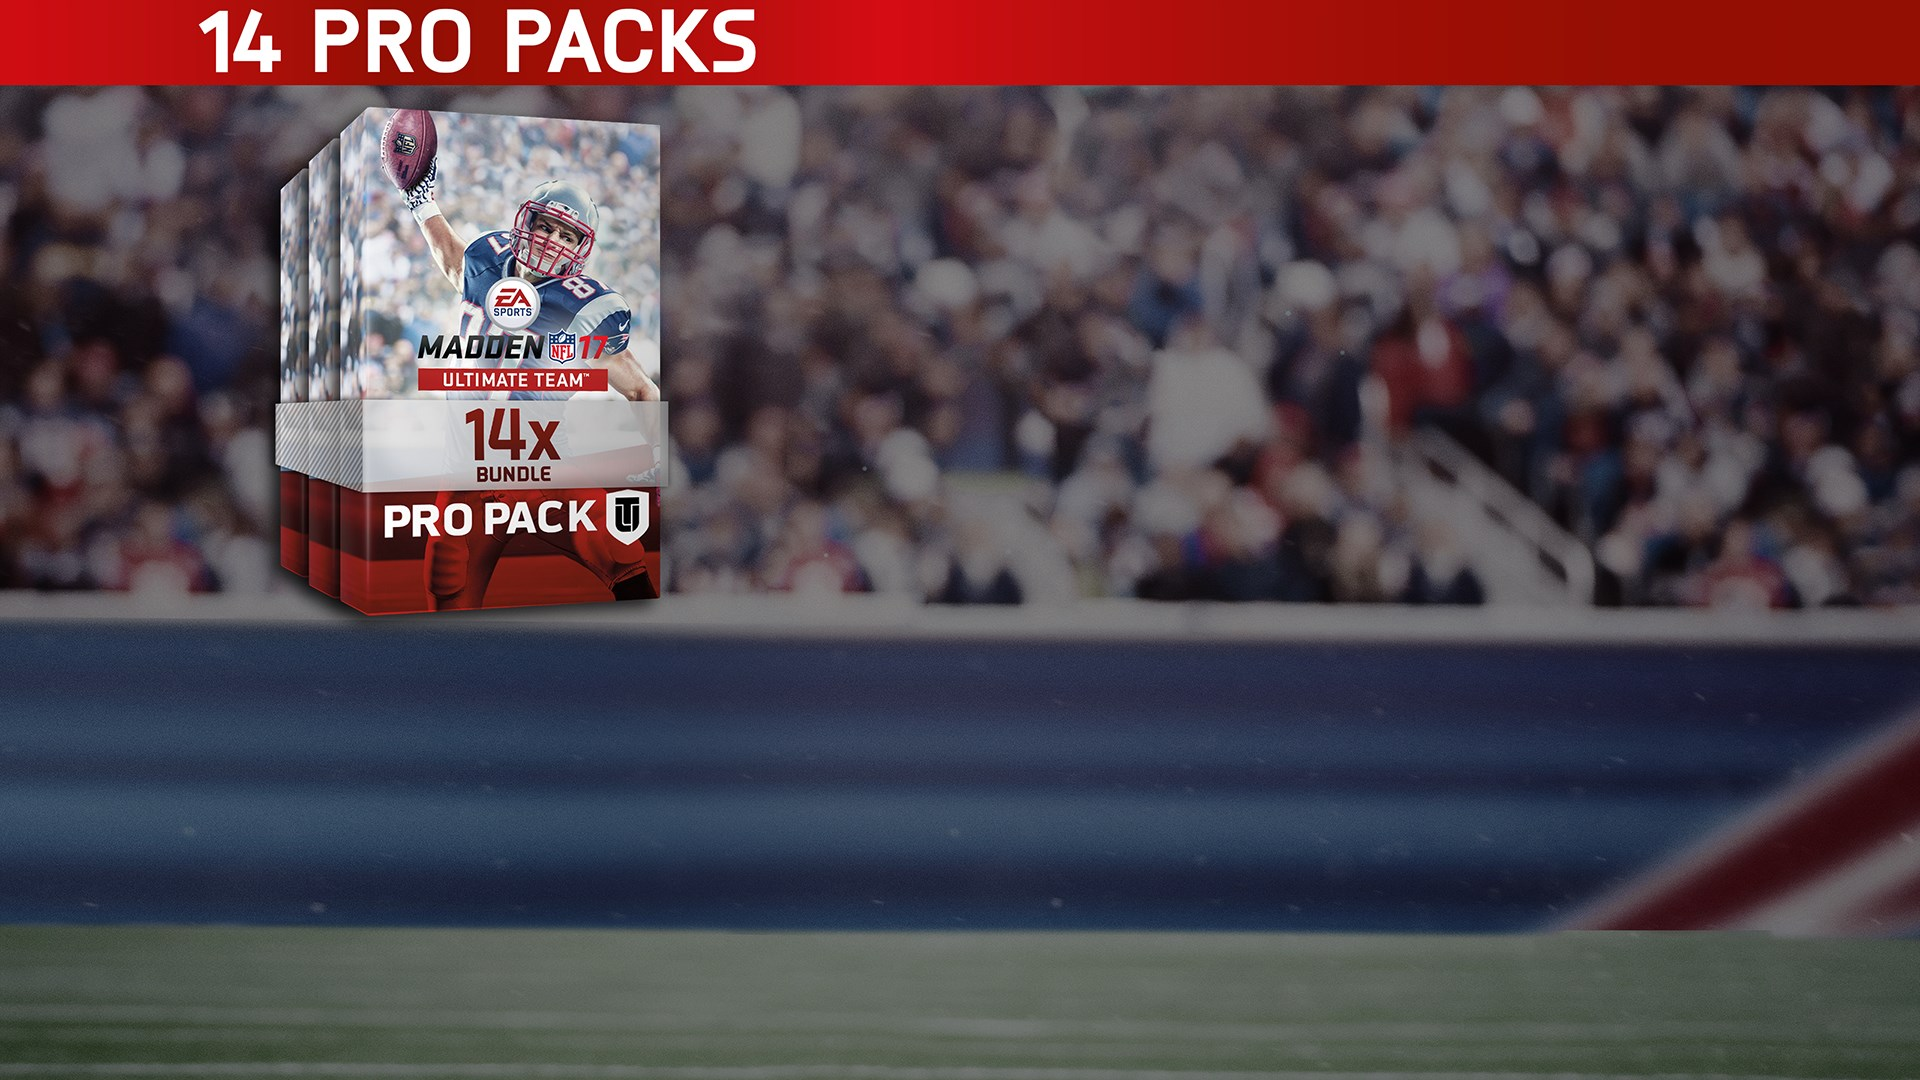 Madden NFL 17 14 Pro Pack Bundle